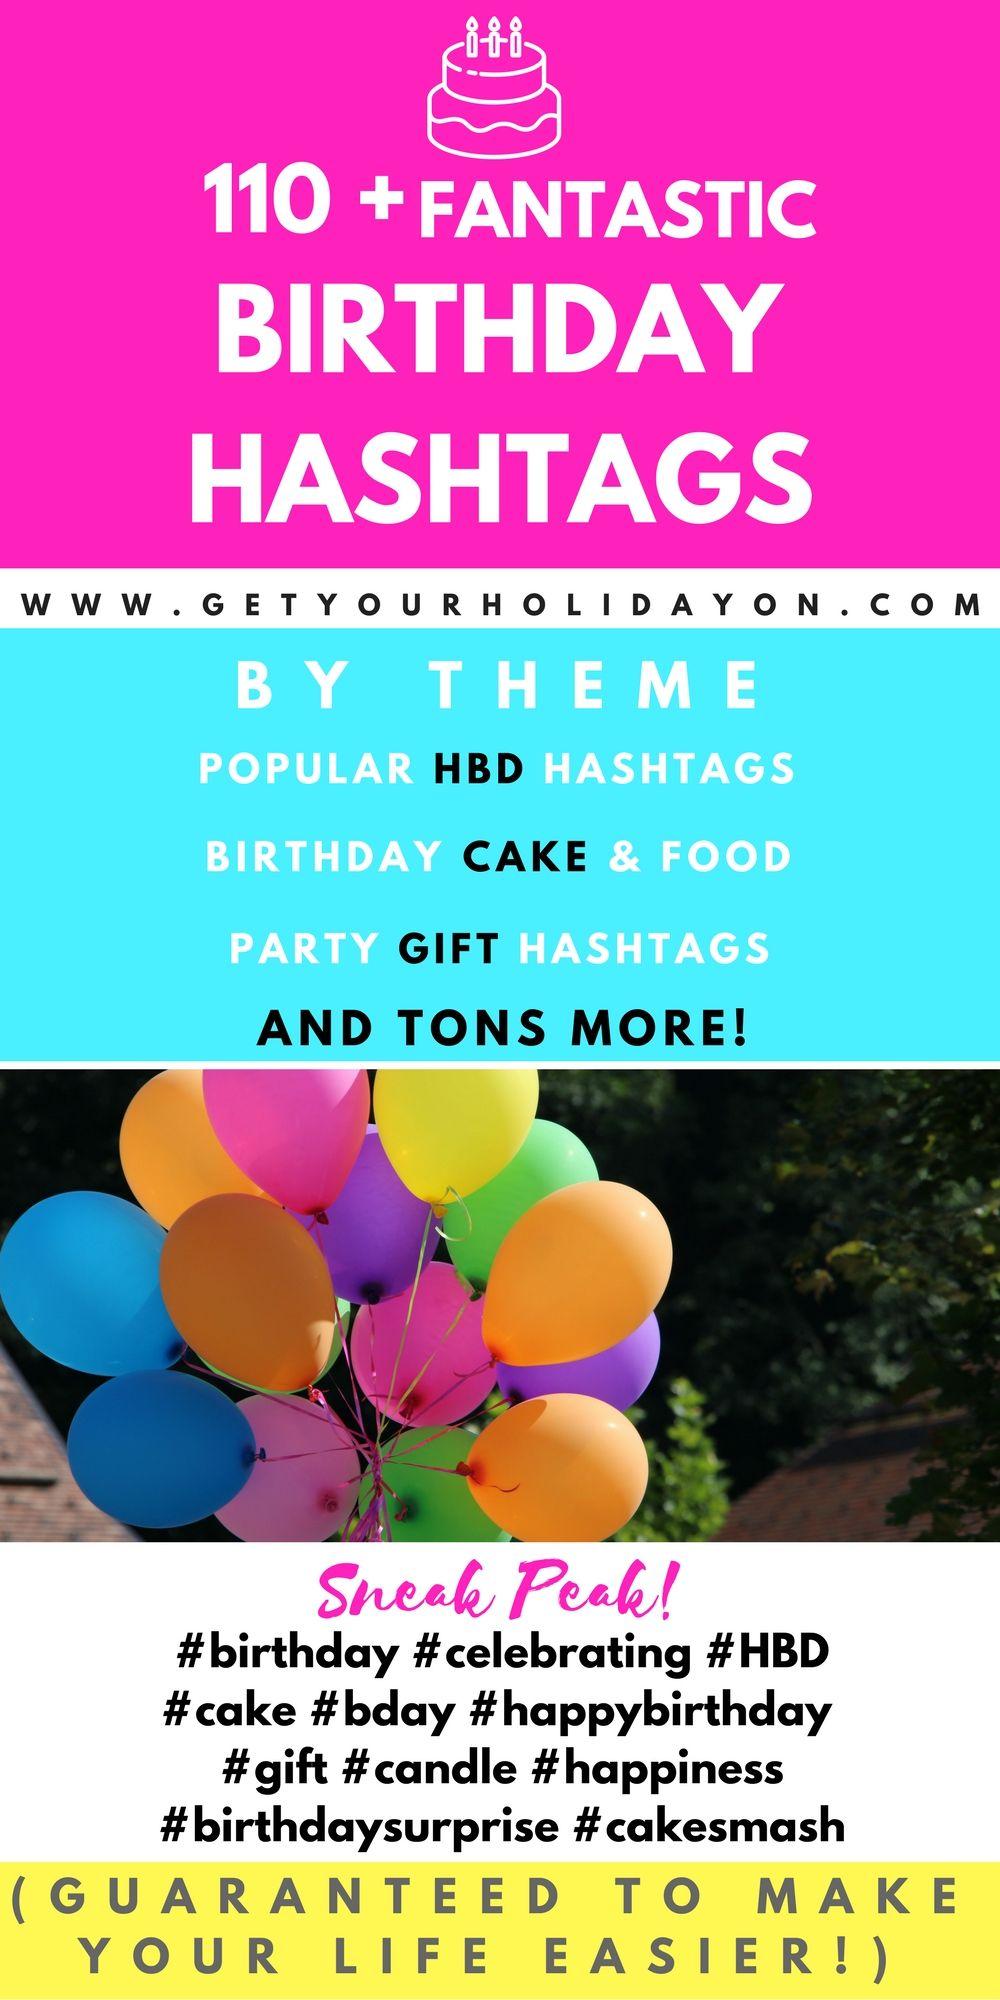 birthday hashtags Birthday Hashtags January 2019 110 Birthday Themed Ideas  birthday hashtags